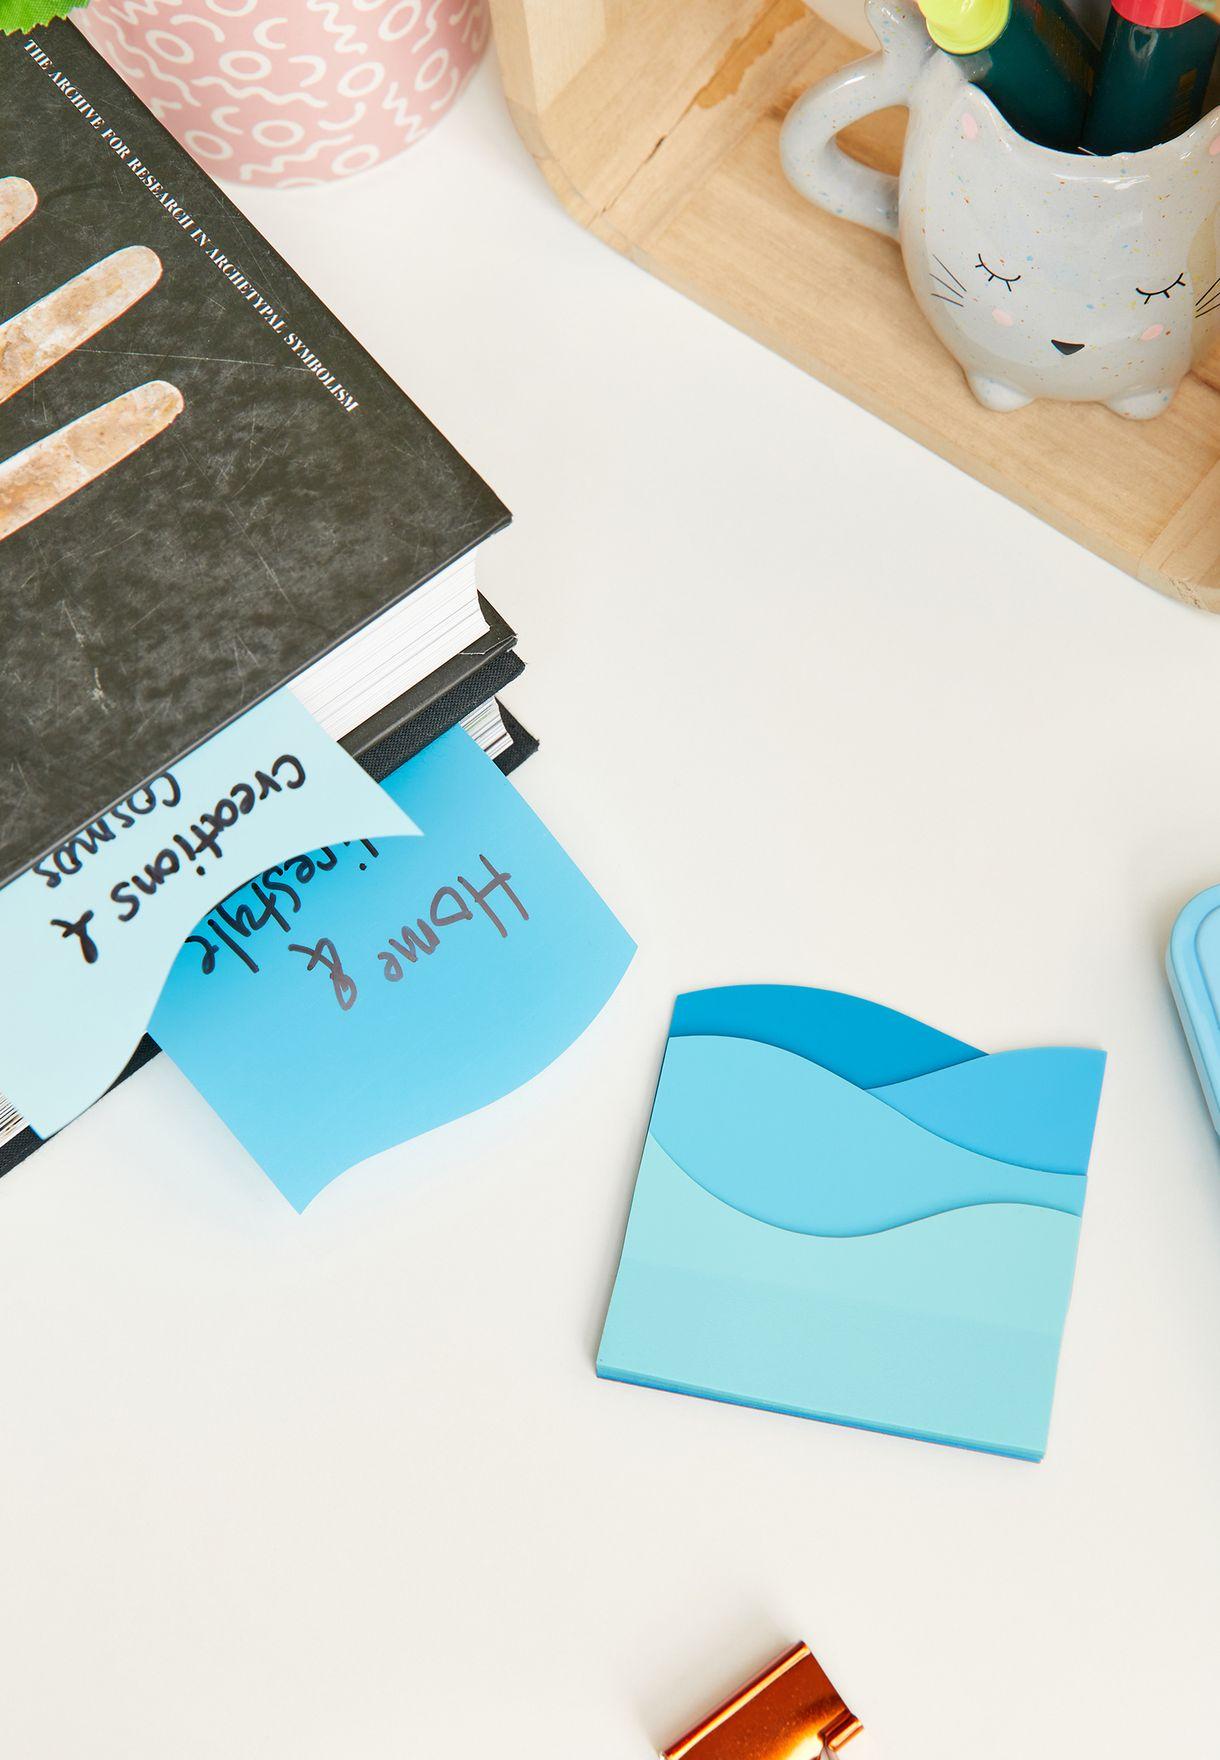 Translucent Sticky Notes